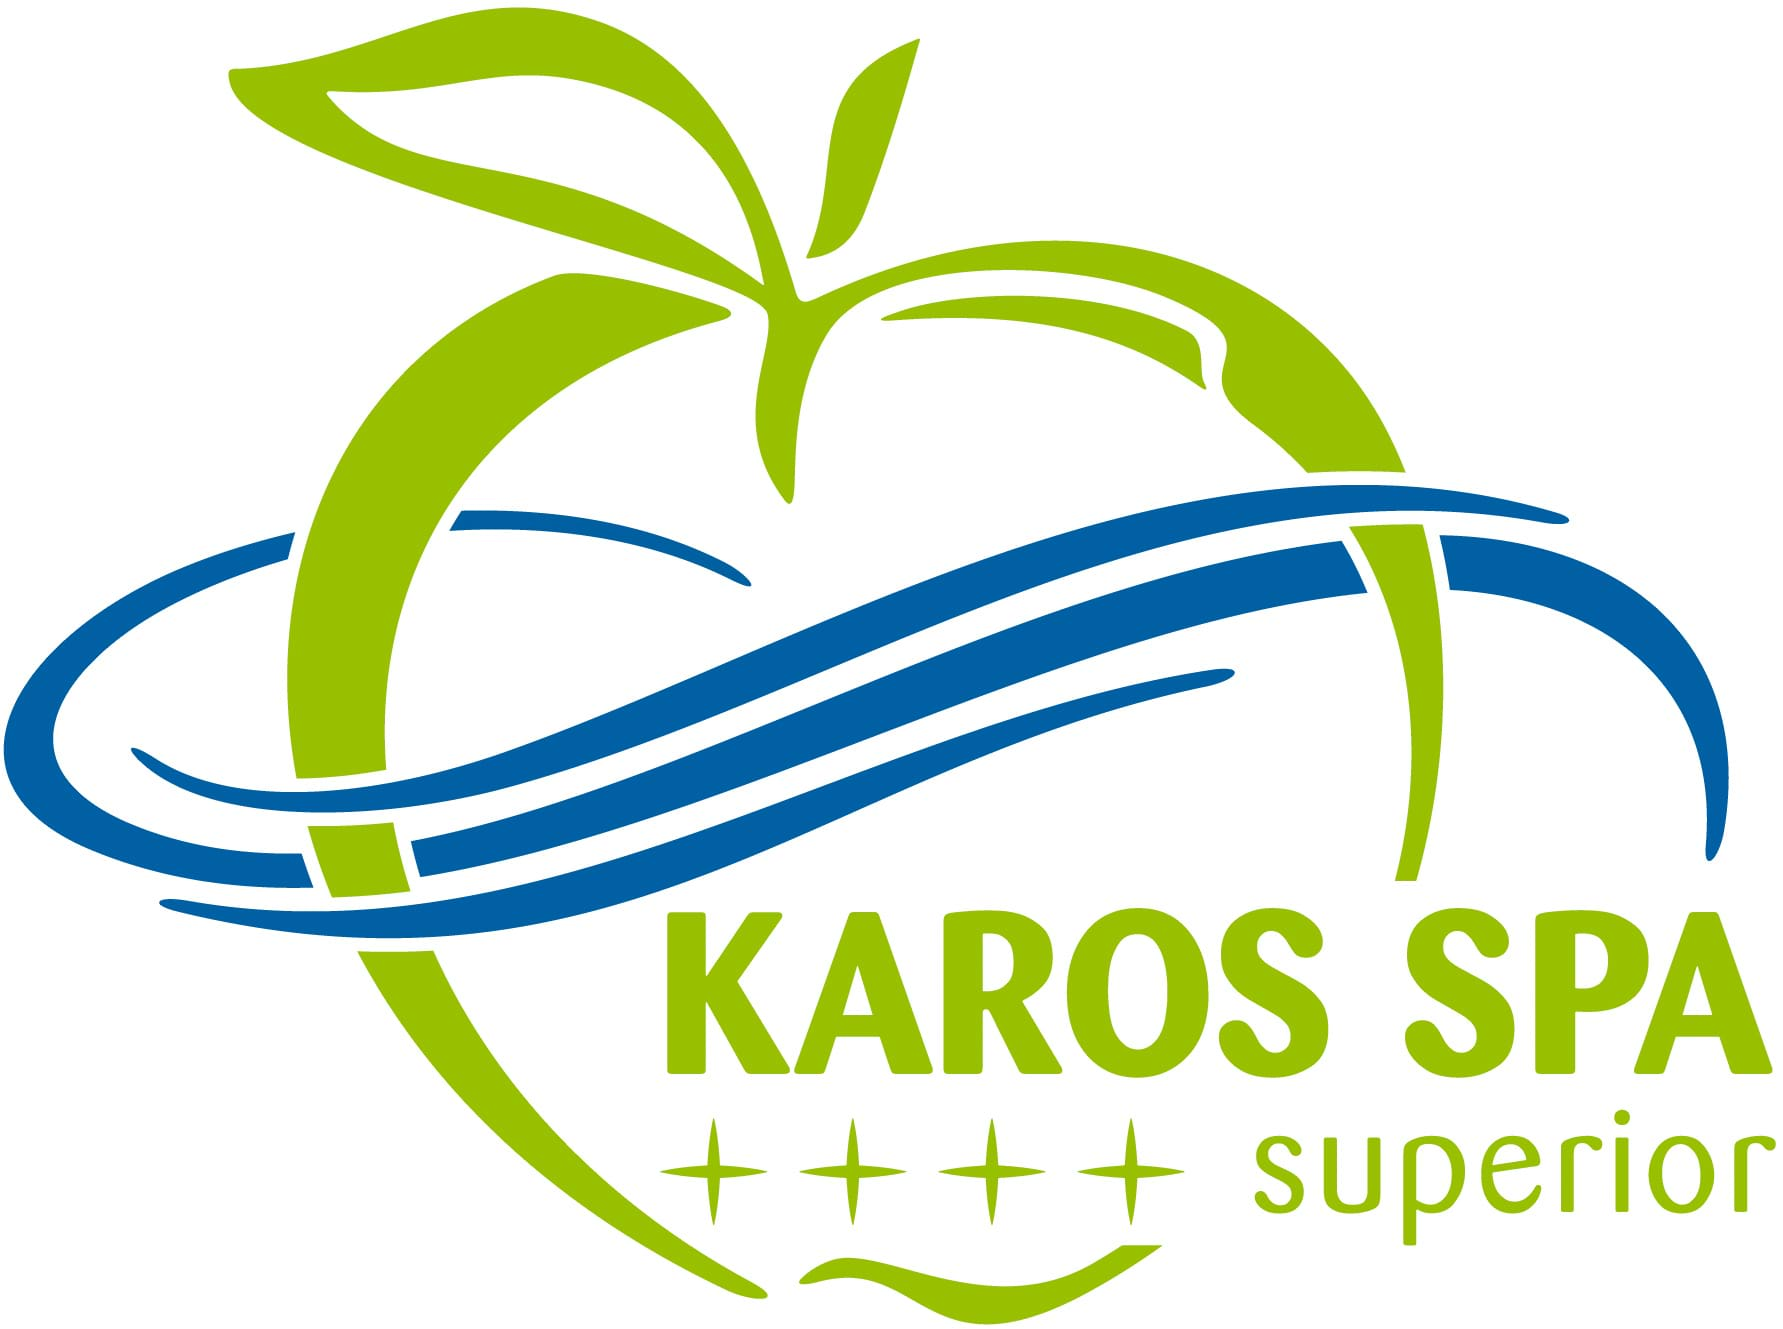 Hotel Karos Spa logo